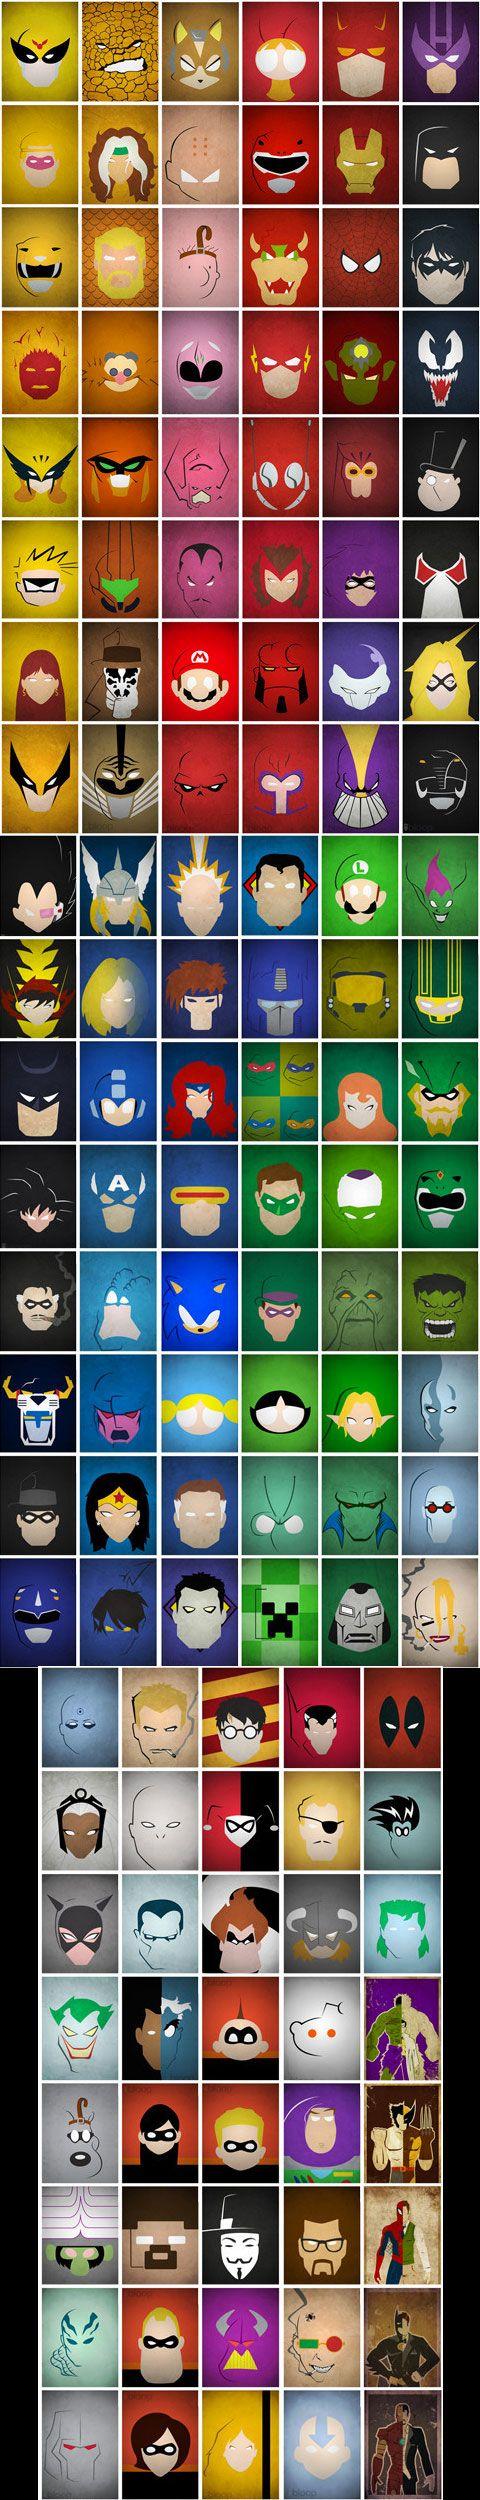 Tous tes héros de bande dessinée/comics en une image !